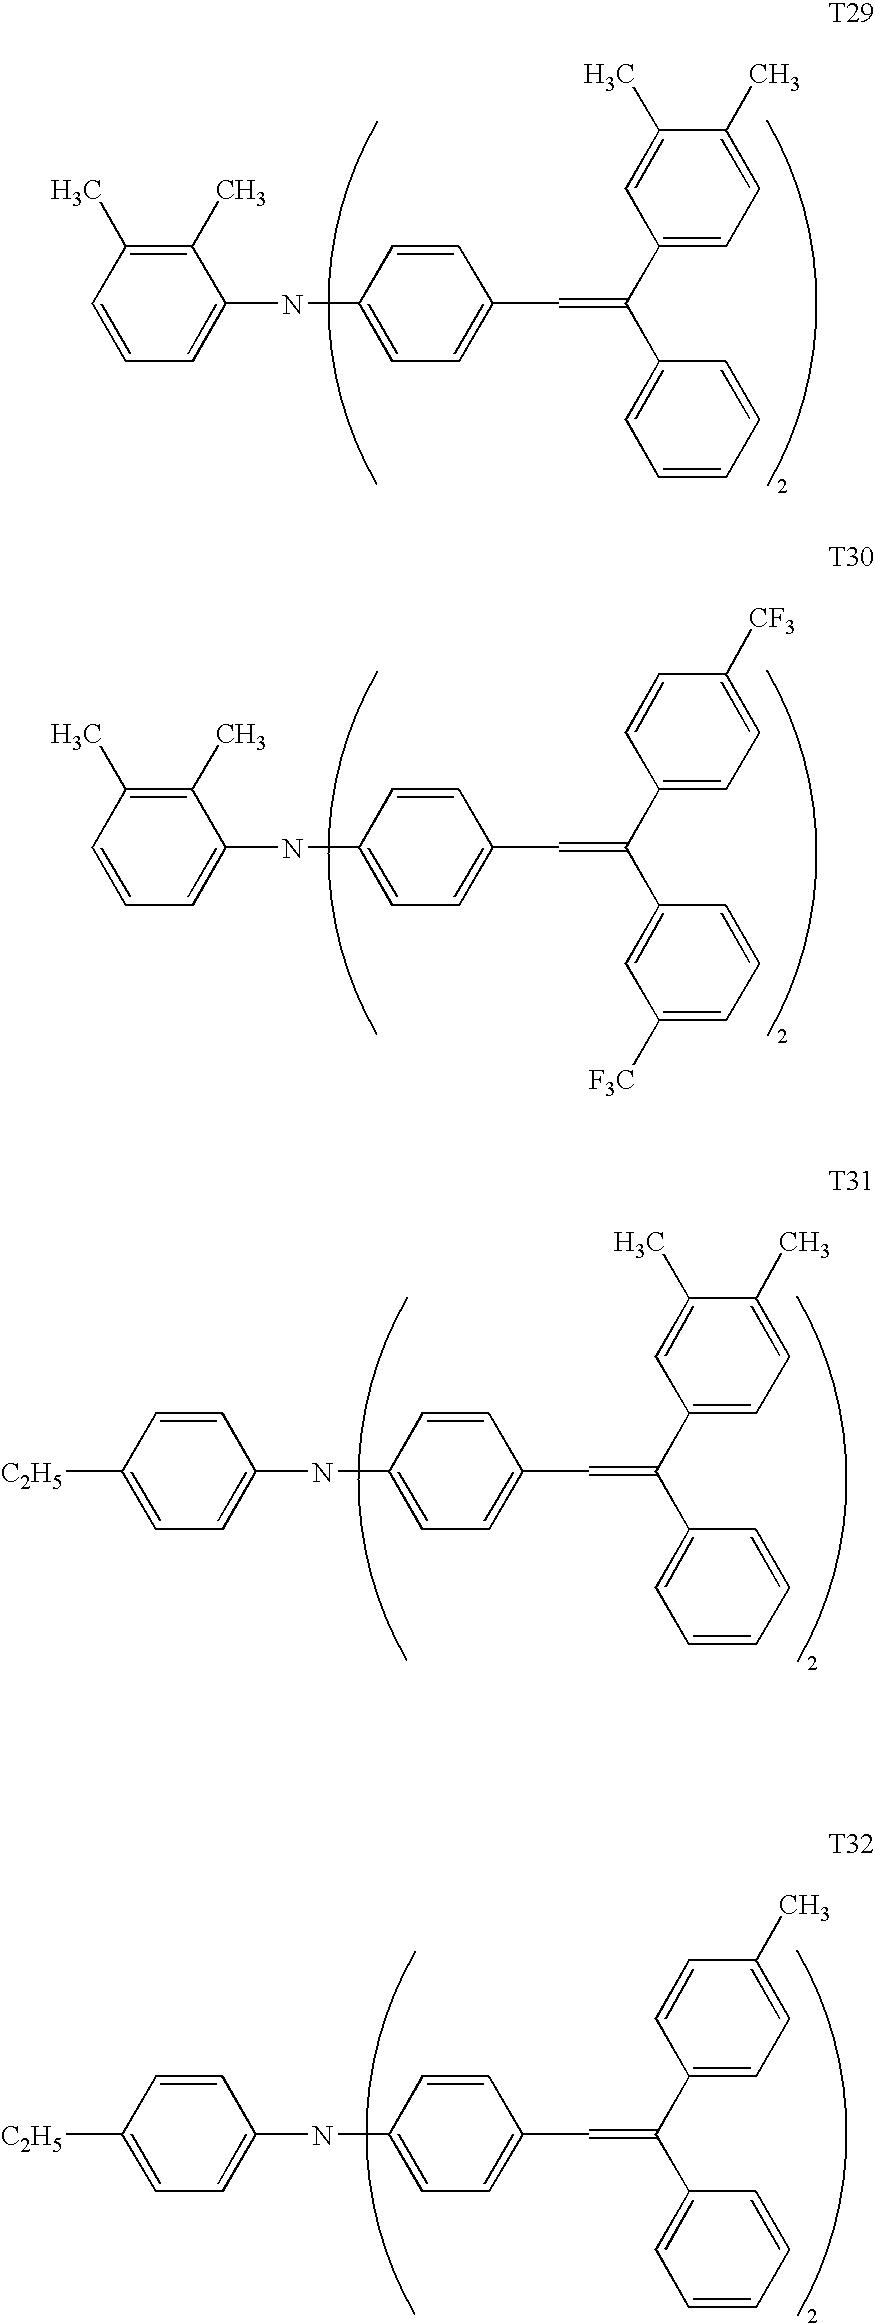 Figure US06919155-20050719-C00015